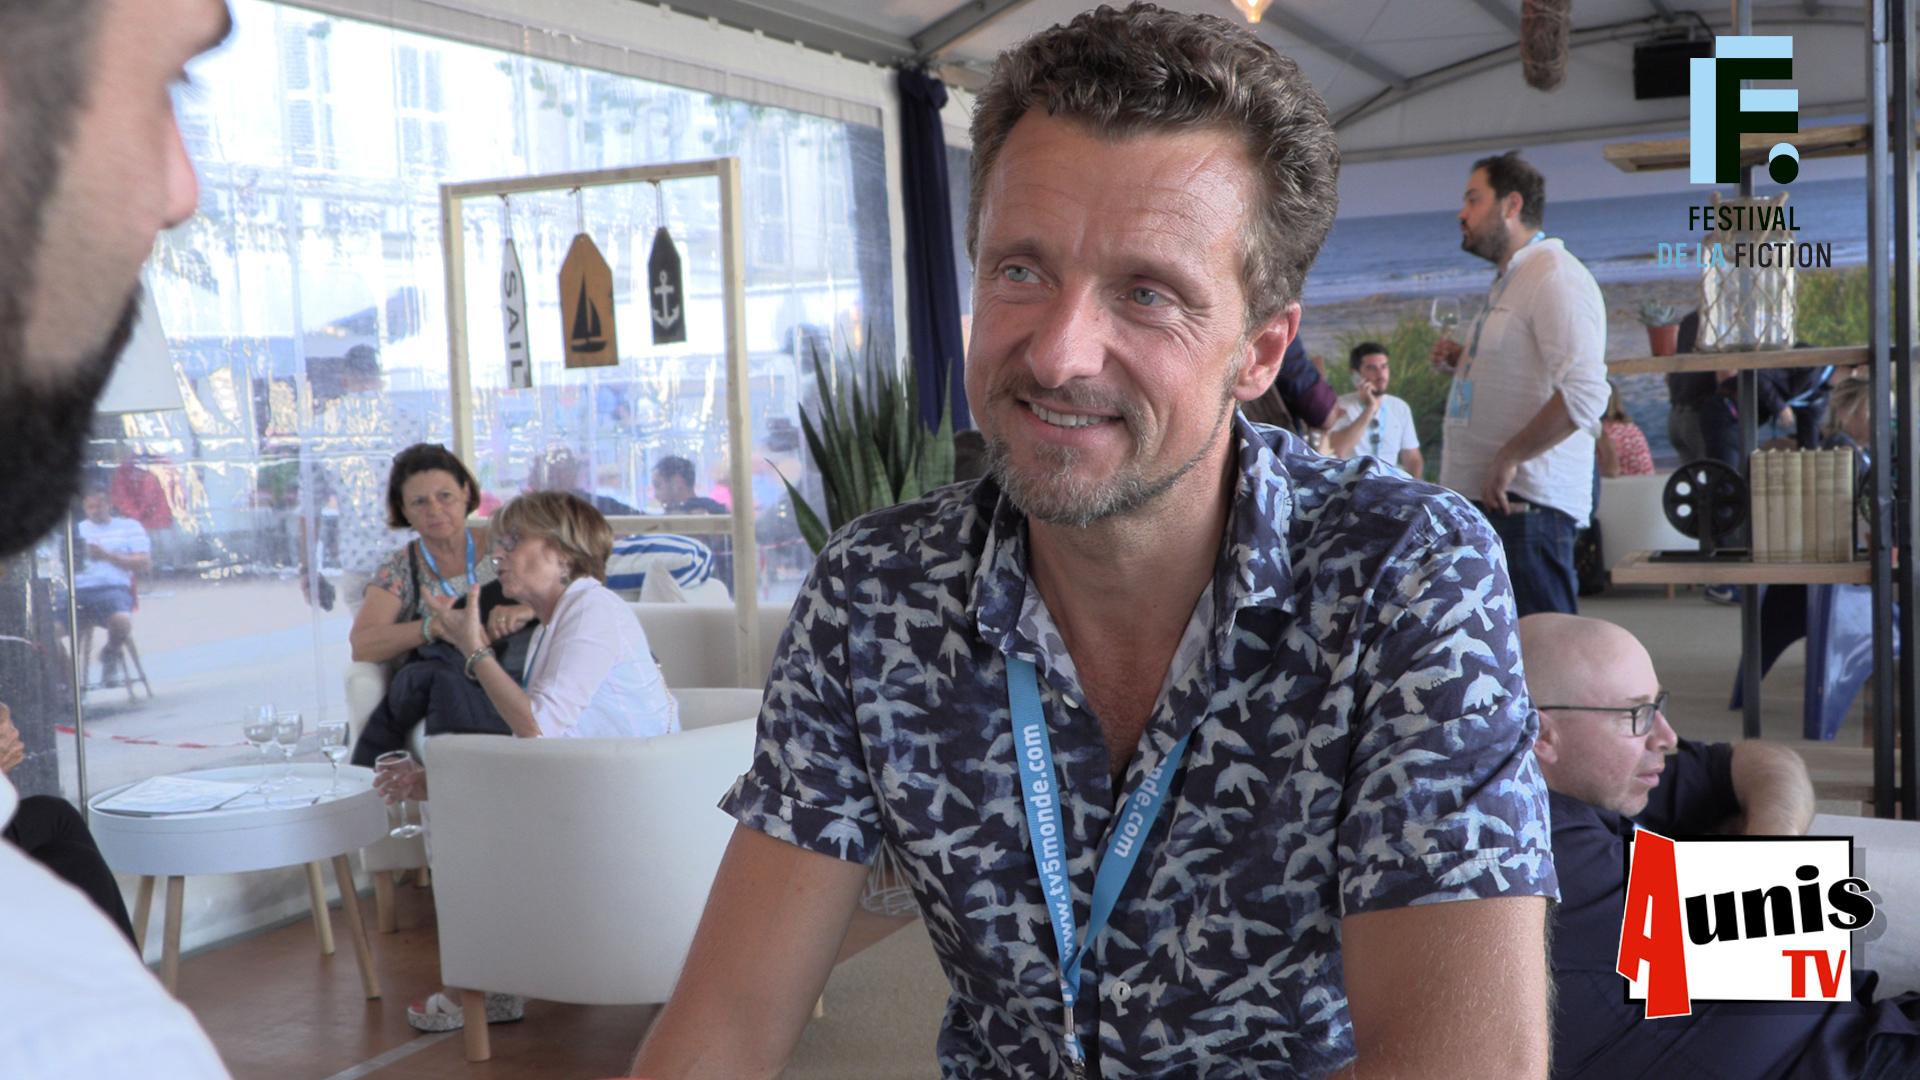 Stéphane Roux Acteur Festival de la Fiction La Rochelle 2019